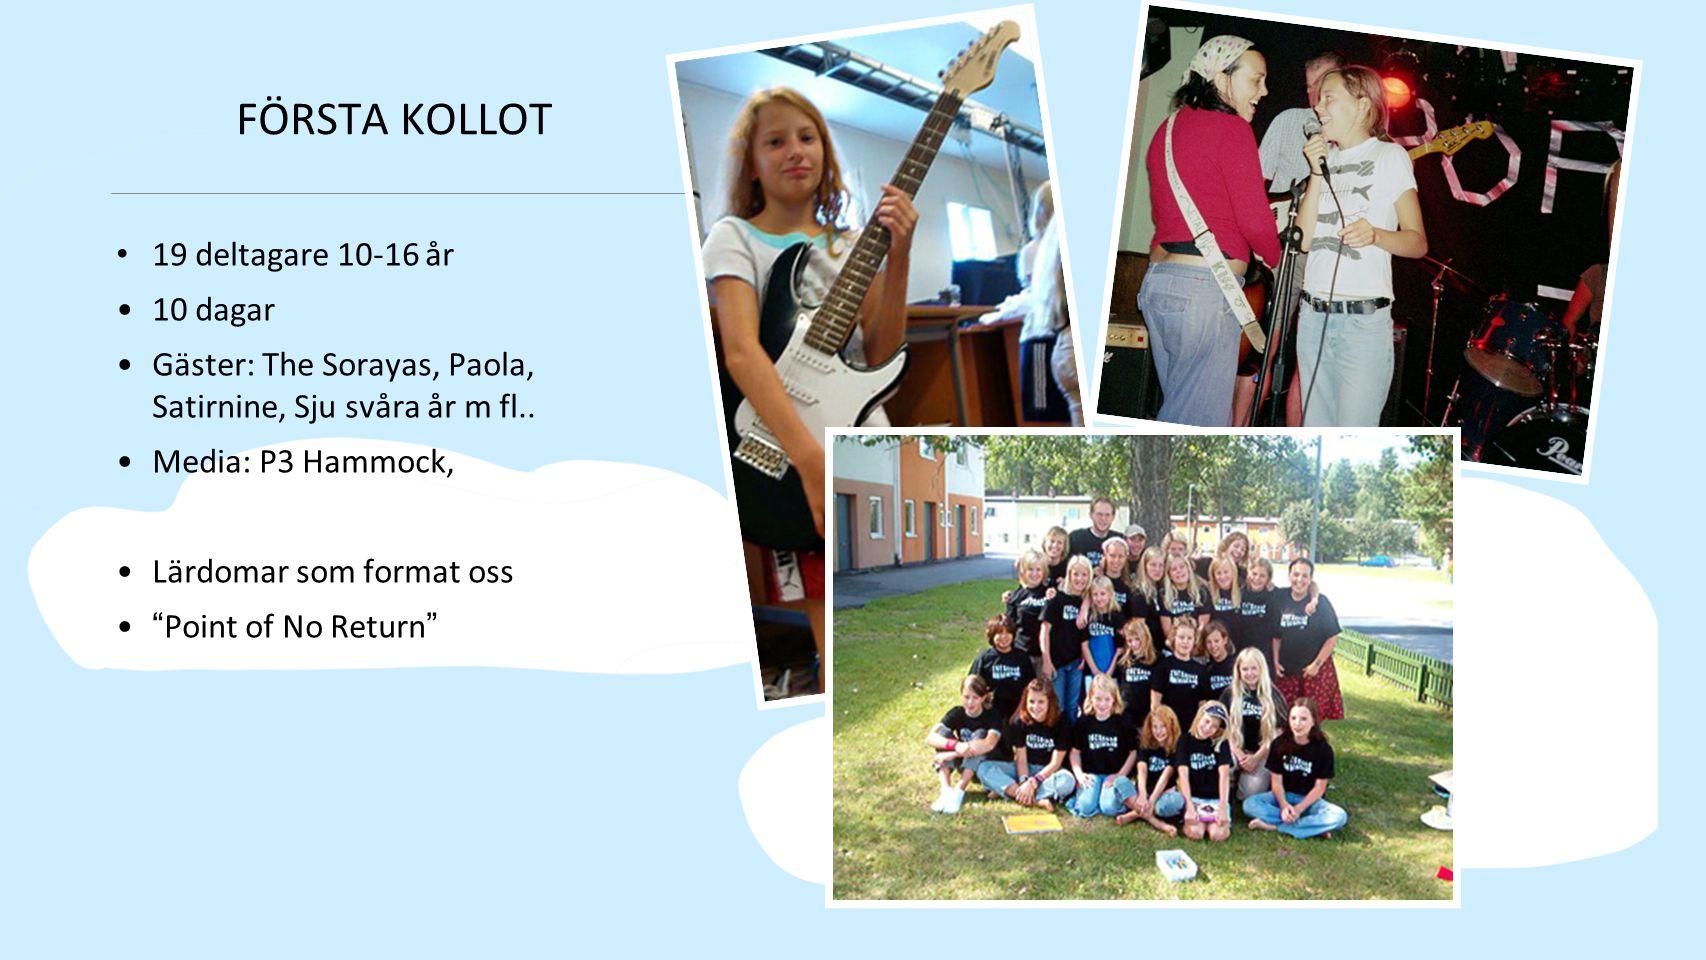 2003 första kollot i Hultsfred 19 deltagare 2005 Spridning till Umeå 2006 Spridning till Göteborg + bildandet av Riksorganisationen Popkollo 2007 Spridningsprojekt: 2 nya städer per år, startar Girls Rock Camp Alliance 2009 preliminärt kansli, över 1000 medlemmar 7- 25 år 2011 Statsbidrag, kansli Stockholm UTVECKLINGEN